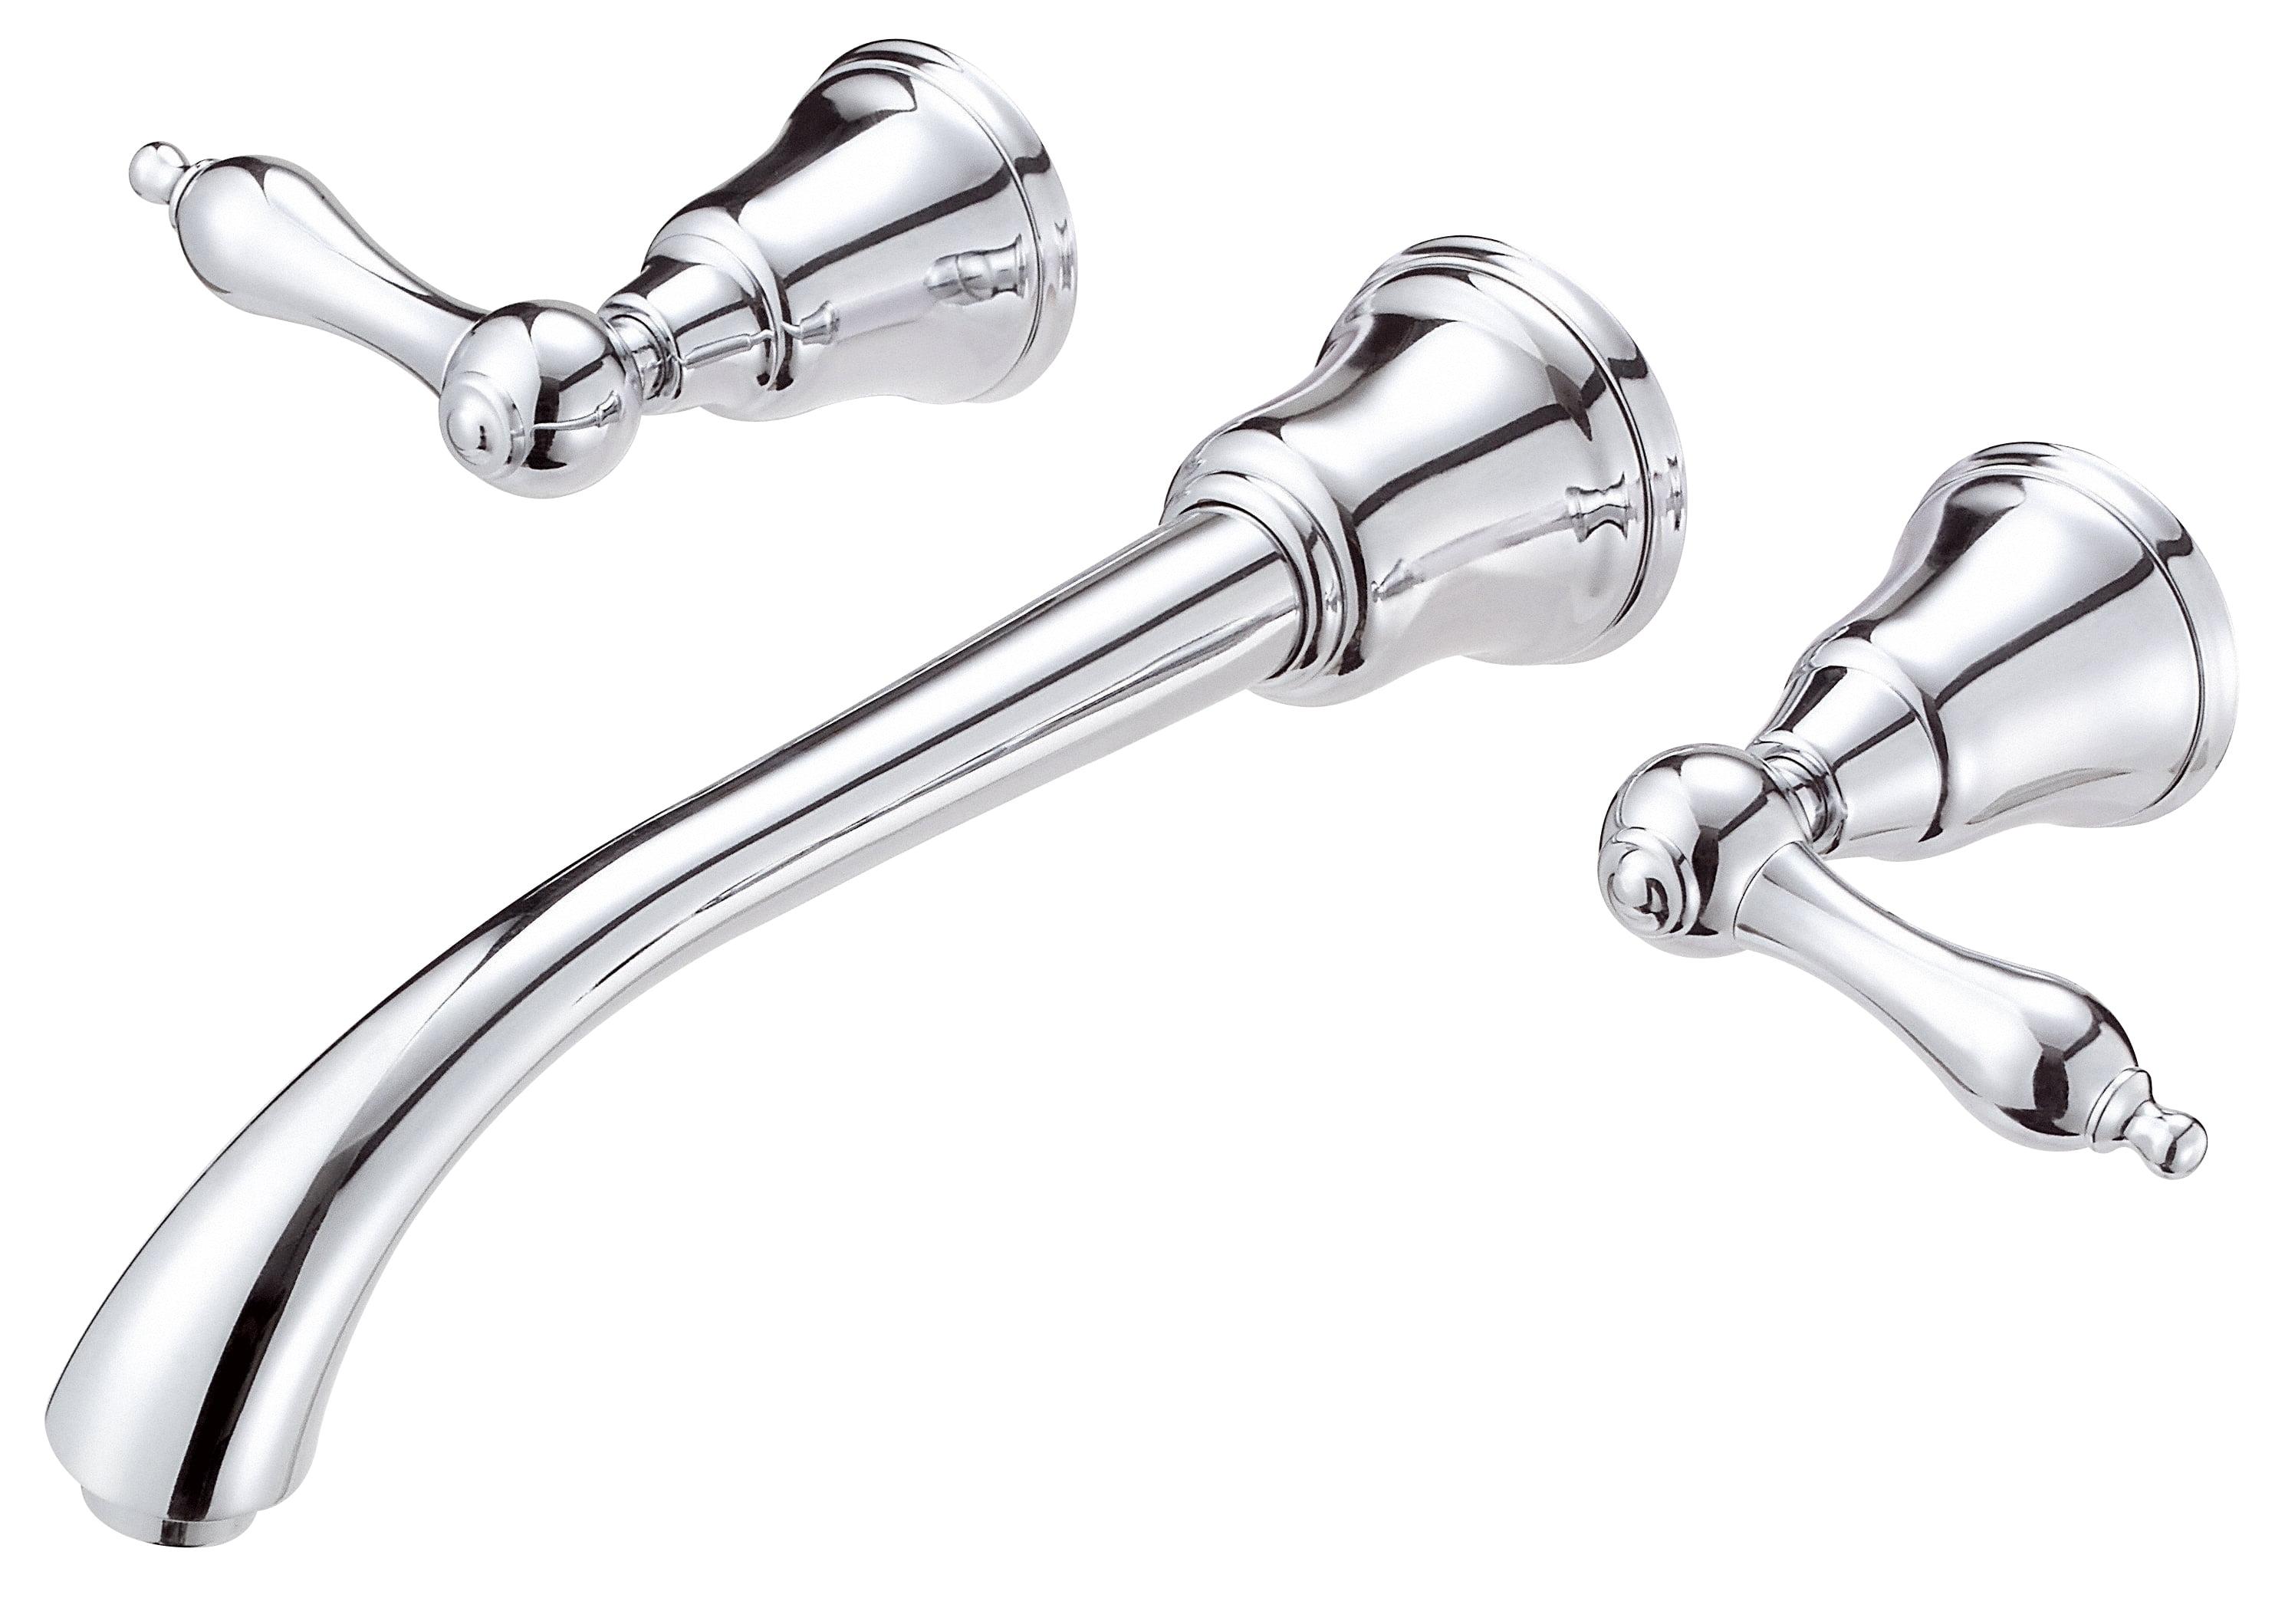 Danze D316240t Fairmont Two Handle Wall Mount Lavatory Faucet Trim